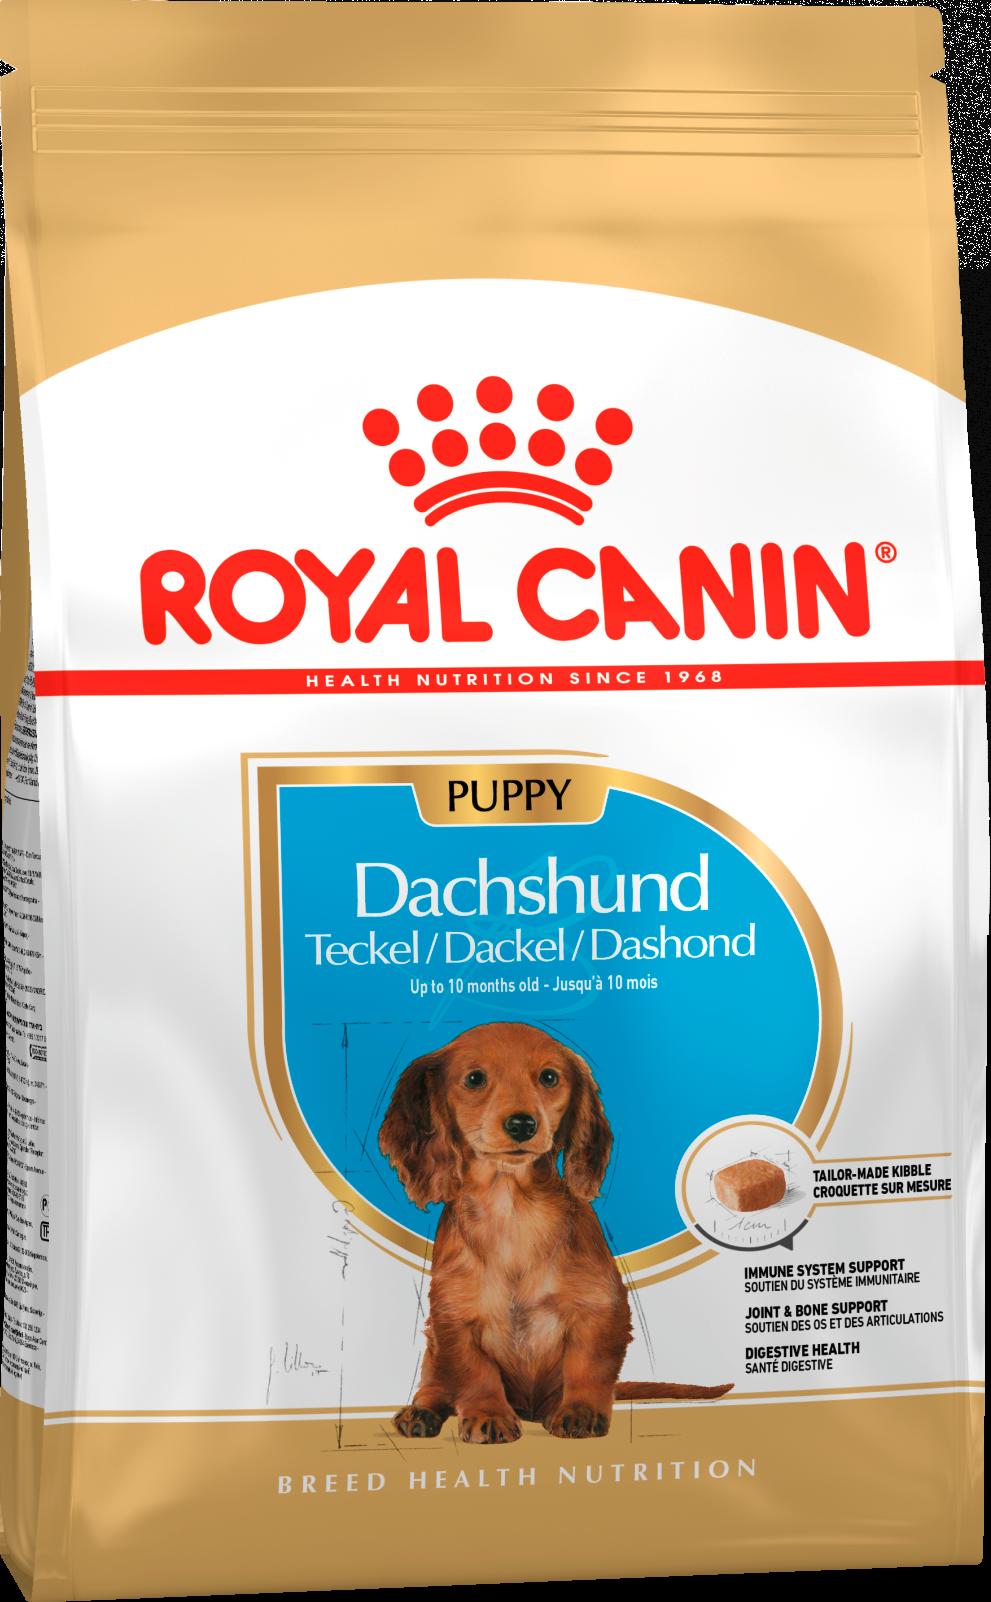 Royal Canin Корм для щенков собак породы такса, Royal Canin Dachshund Puppy 168015.png